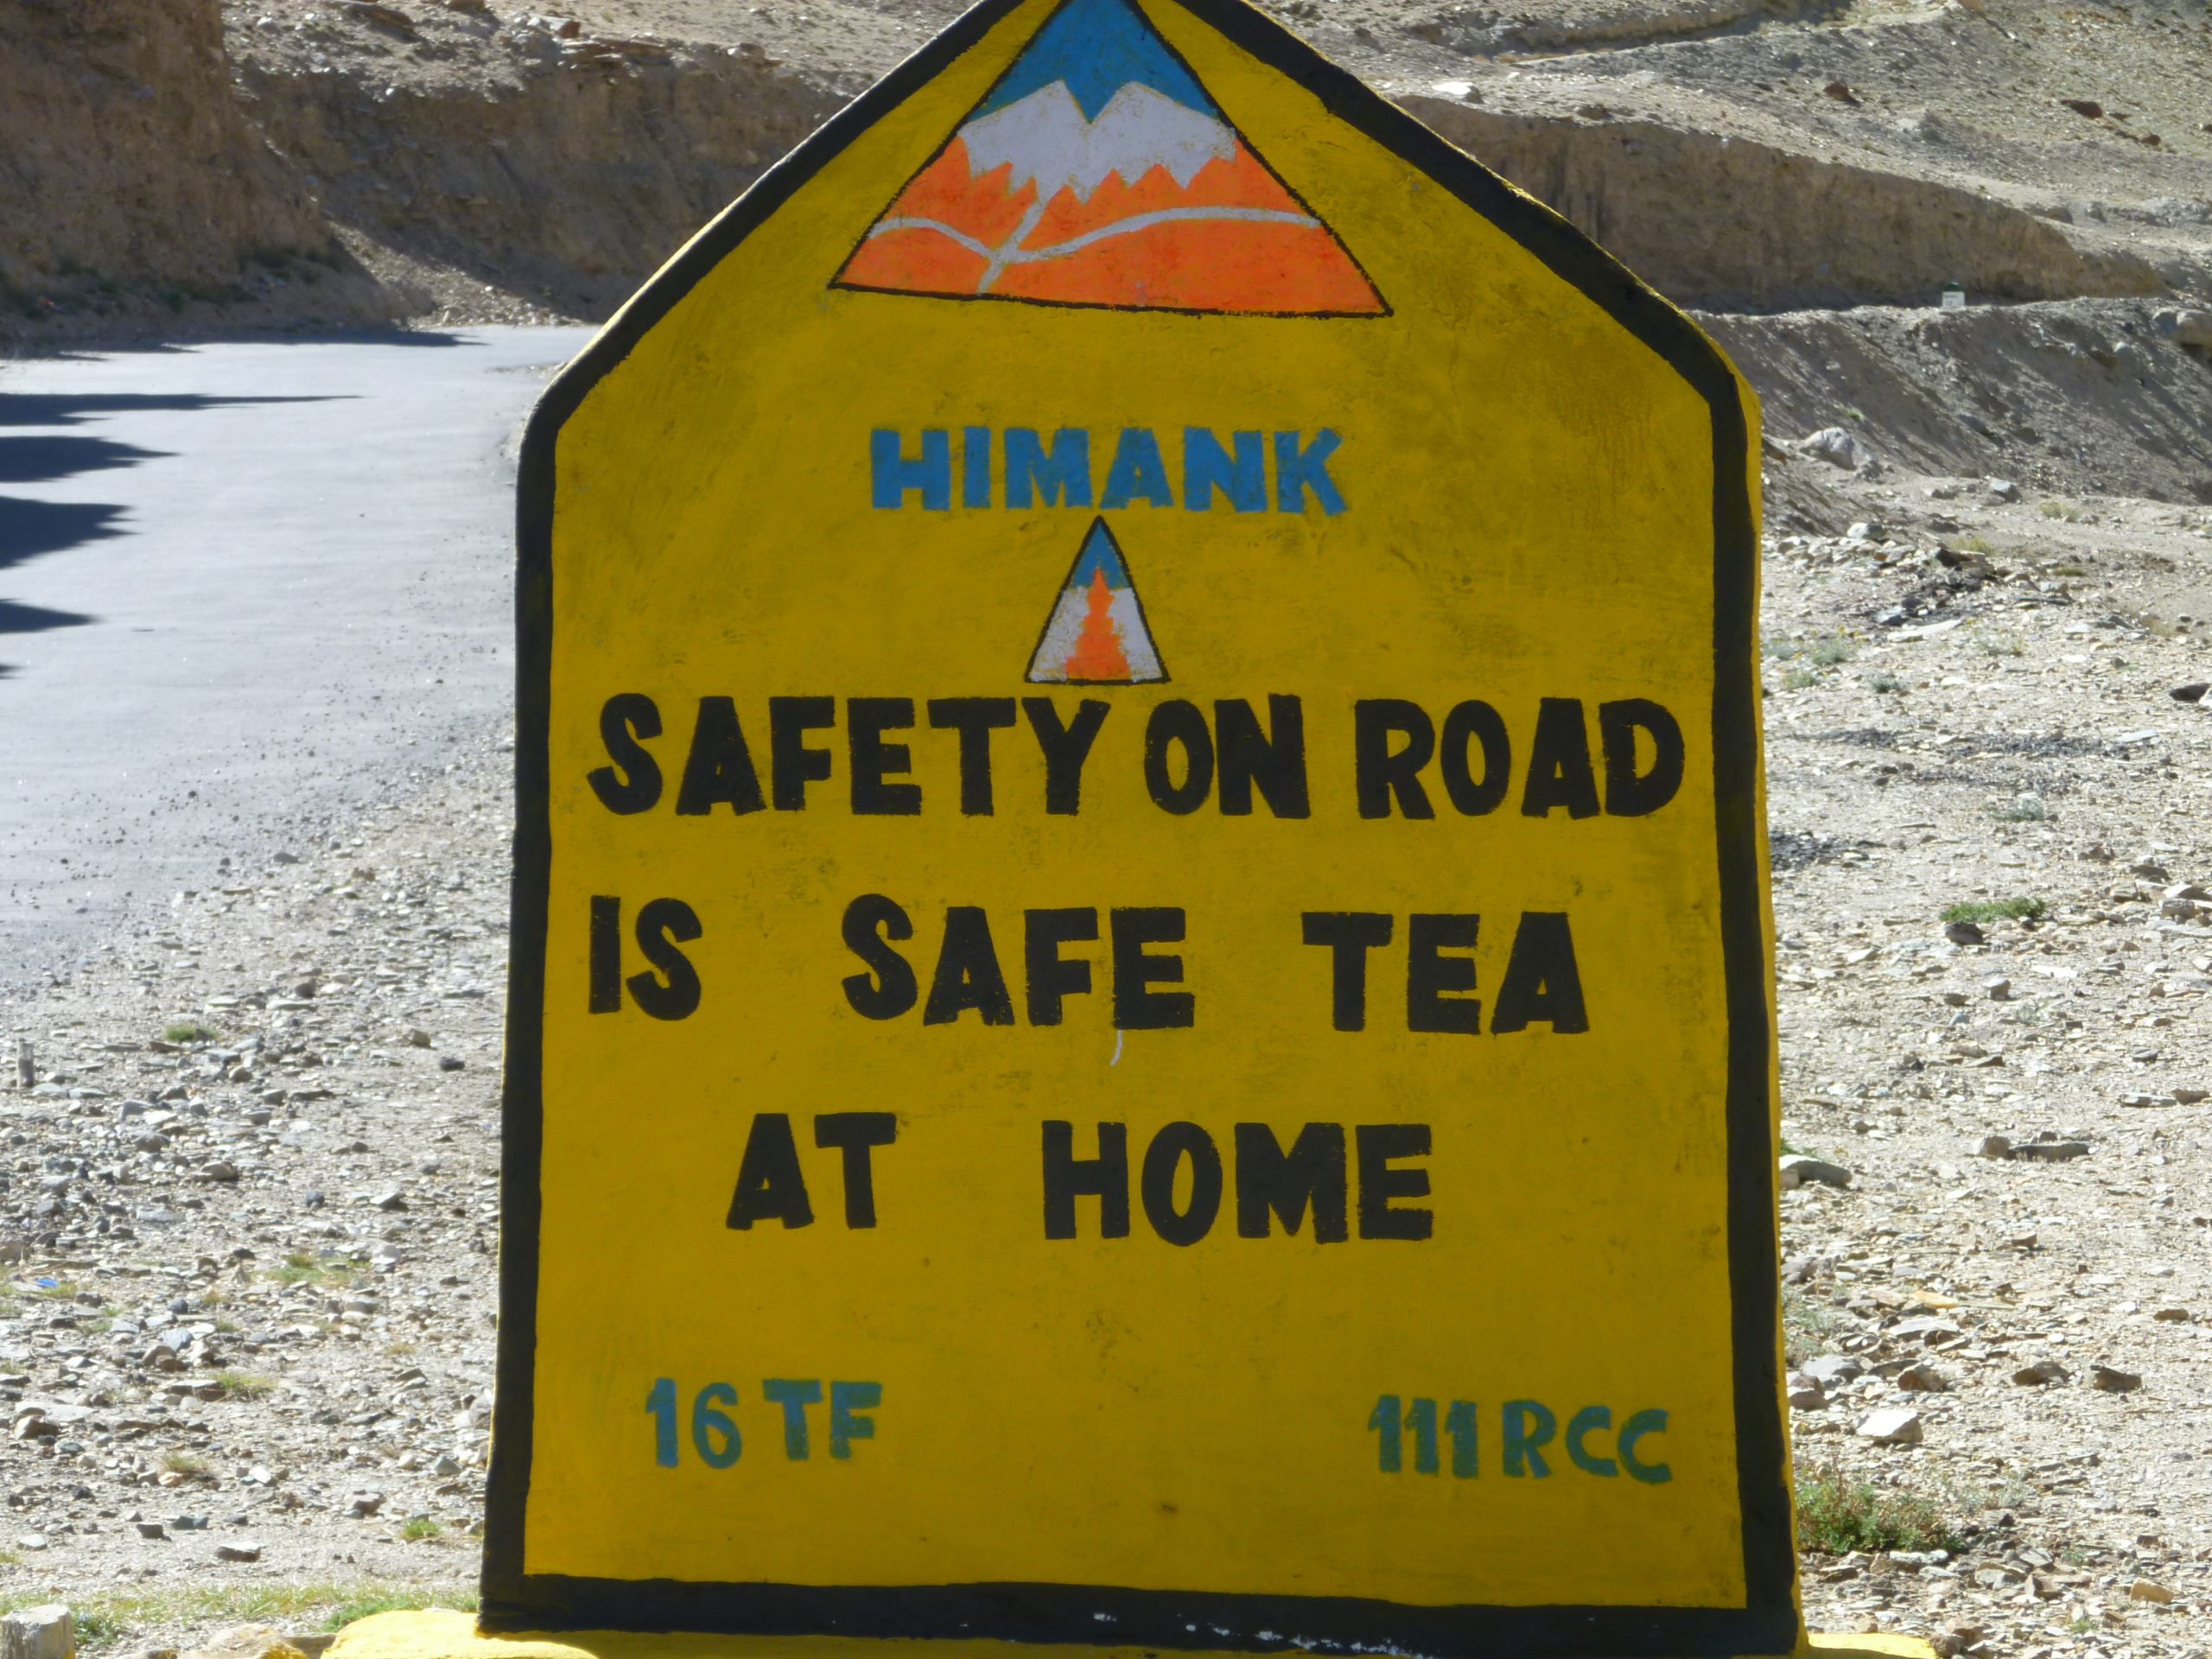 Radreise Ladakh 2012 - Himank-Hinweistafel